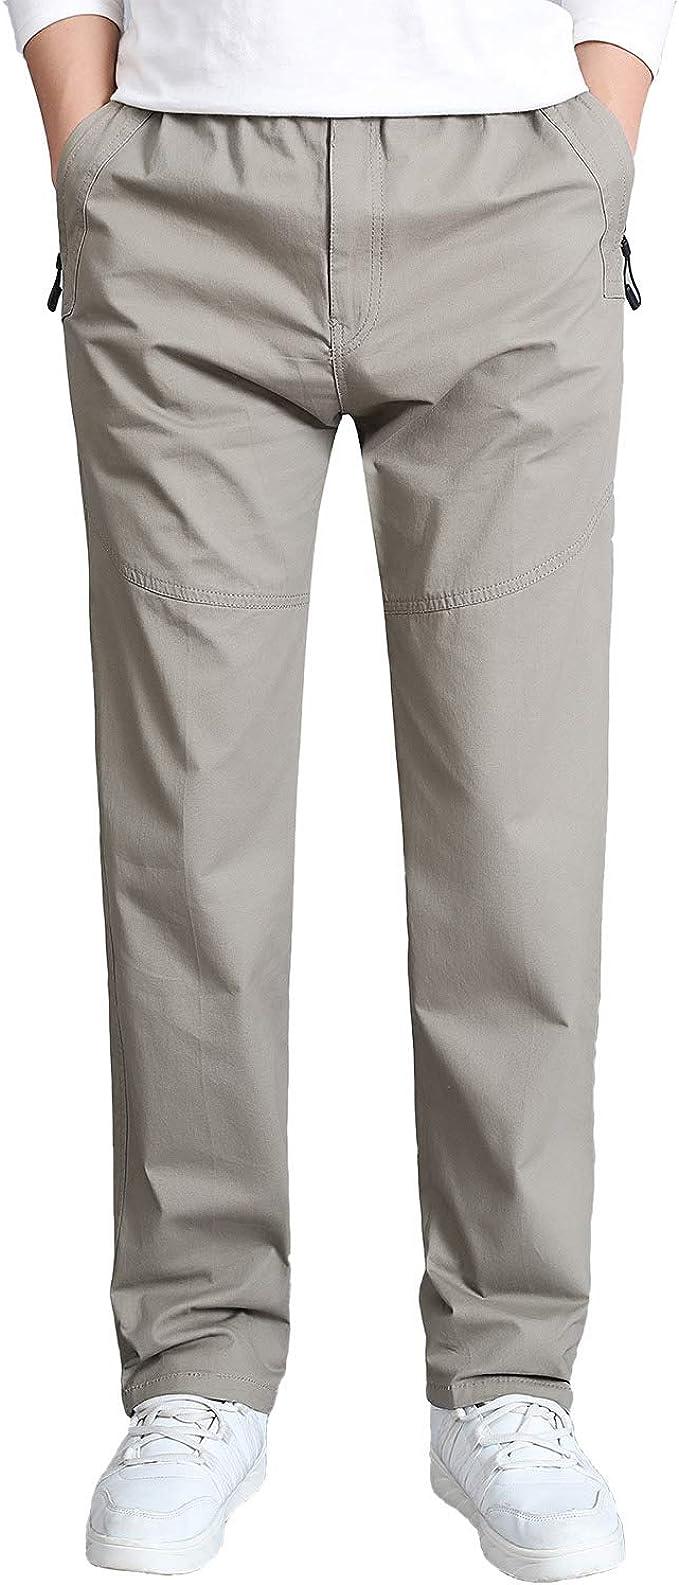 Gmardar Pantalones Hombre Pantalón Casual para Hombre de Algodón con Bolsillos Laterales y Cinturón Ajustable: Amazon.es: Ropa y accesorios